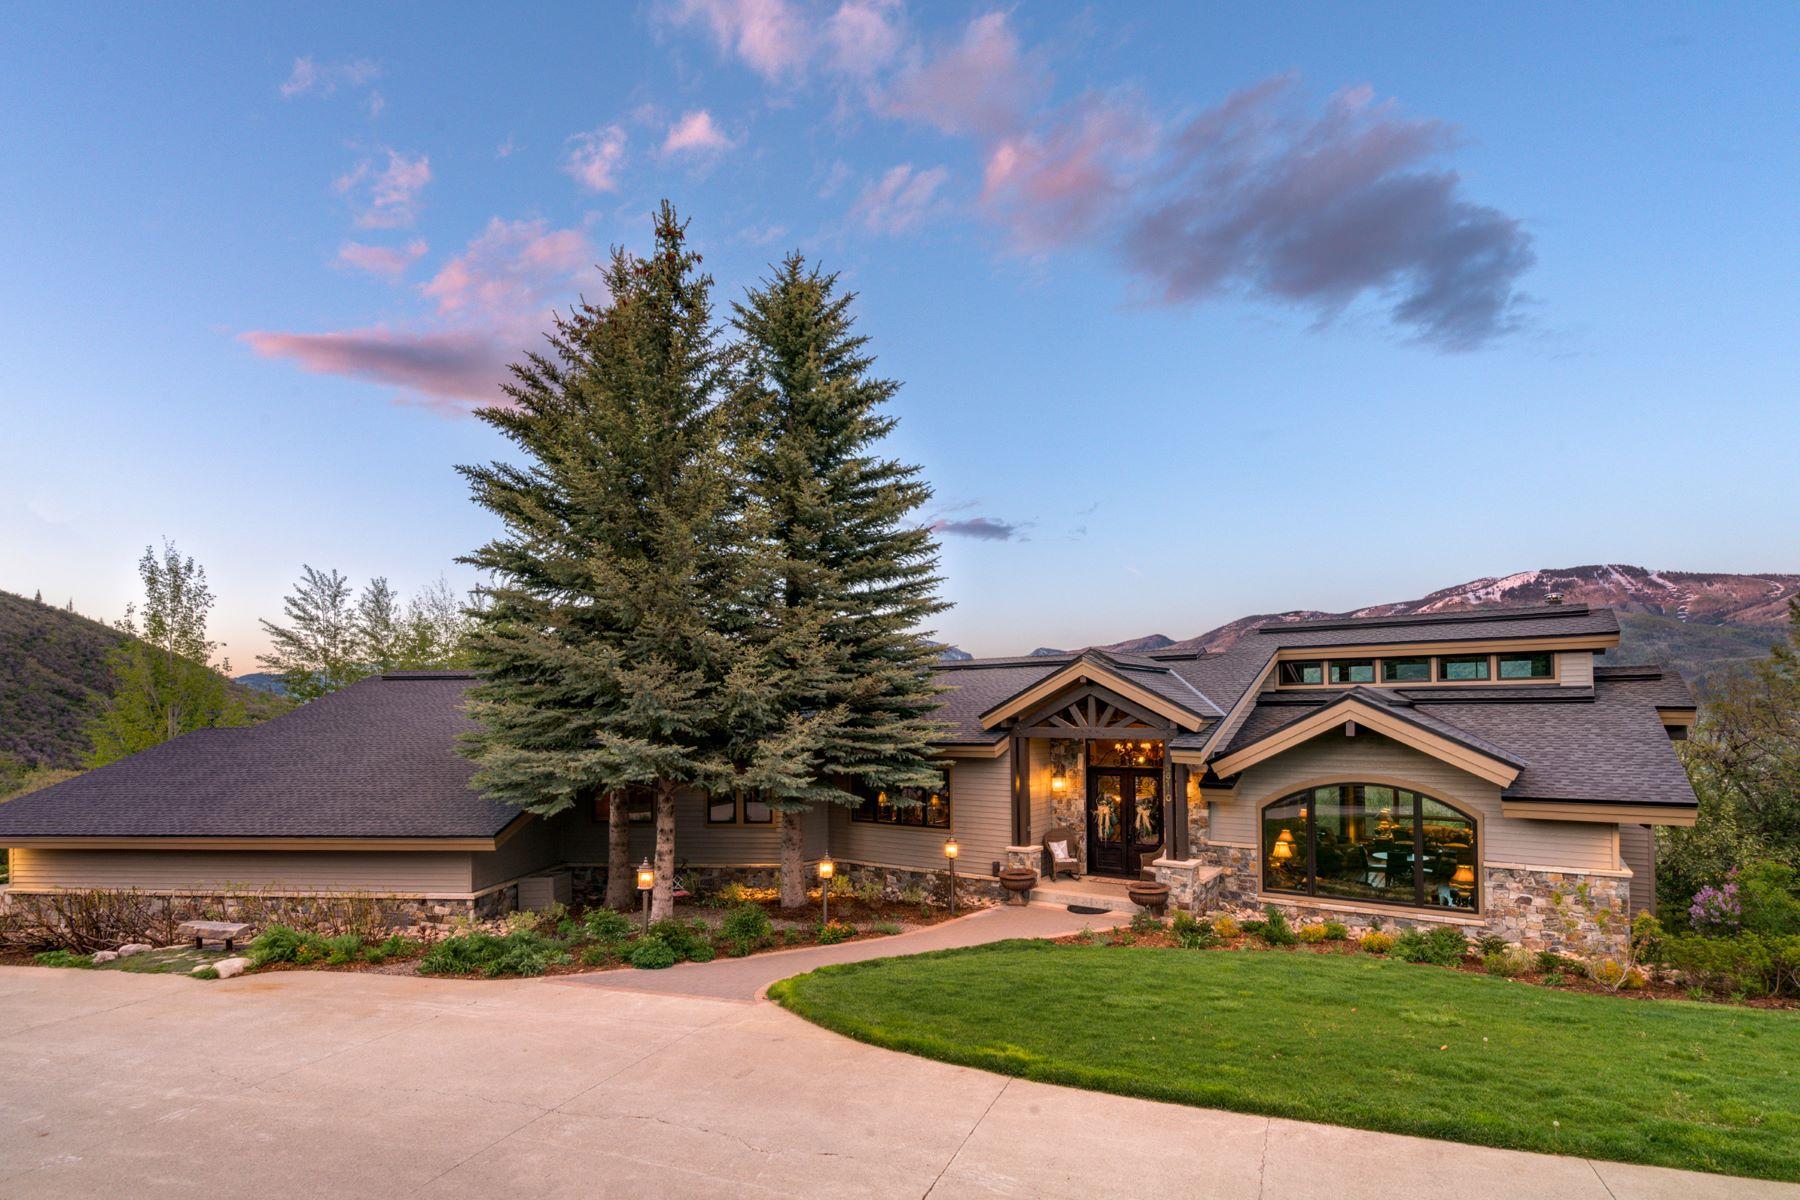 独户住宅 为 销售 在 ENVIABLE VIEWS & ULTIMATE LUXURY 36110 Quarry Ridge Rd. 斯廷博特斯普林斯, 科罗拉多州 80487 美国